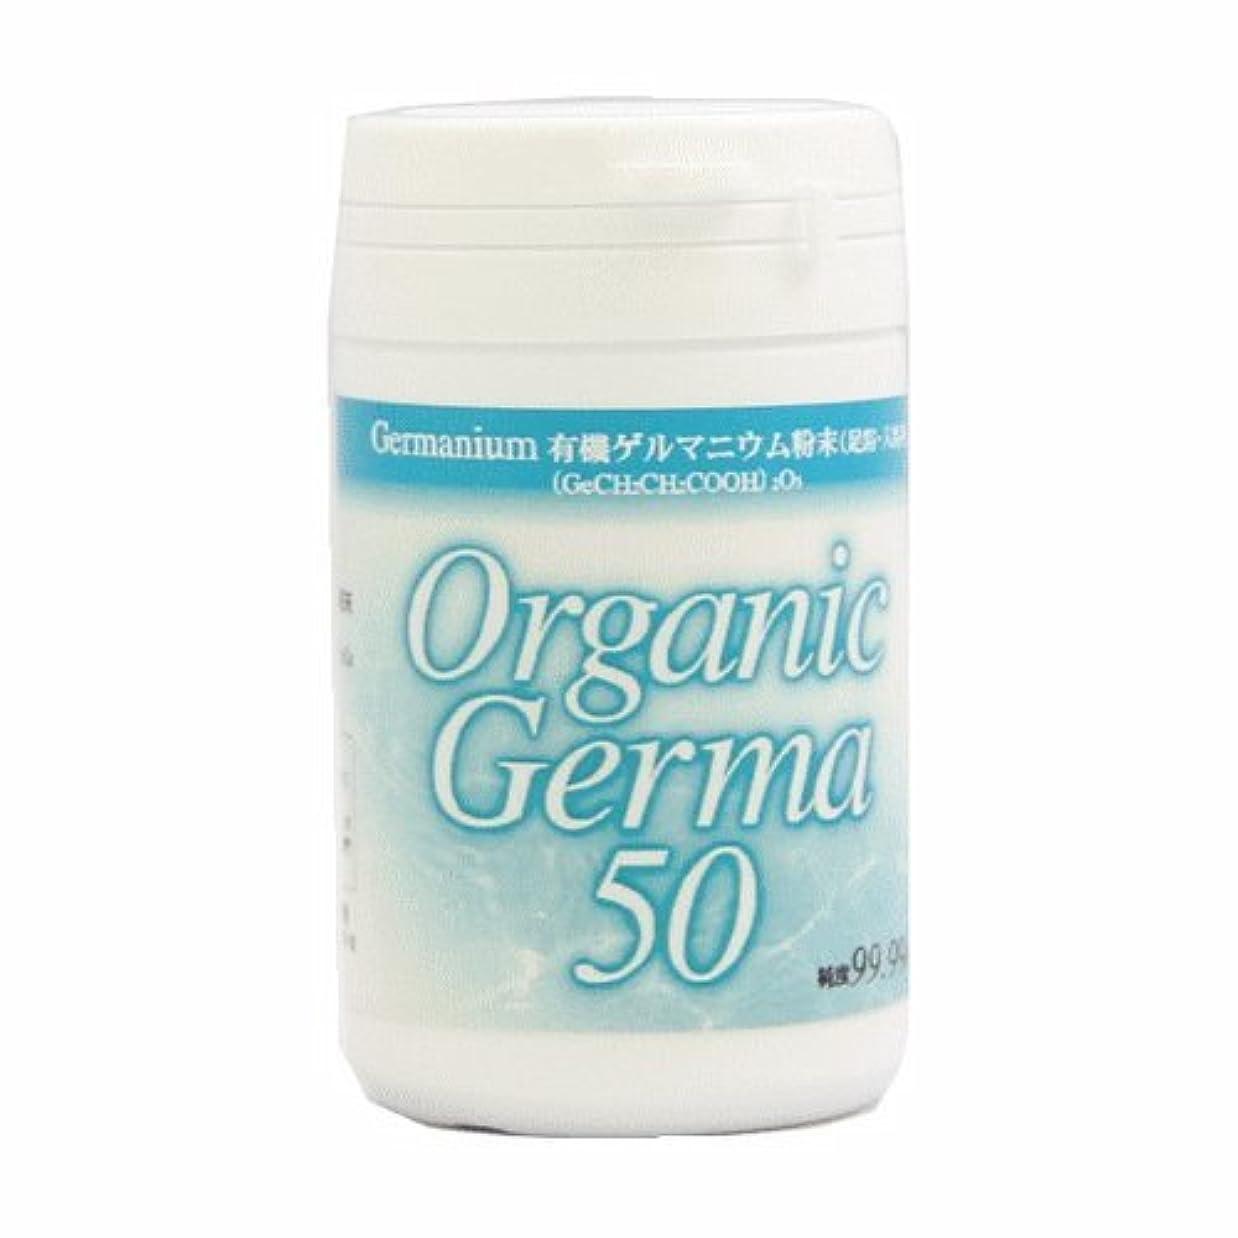 生じるパスタディスパッチ【有機 ゲルマニウム 粉末 50g (Ge-132) 99.99% 温浴用】 ゲルマ パウダー